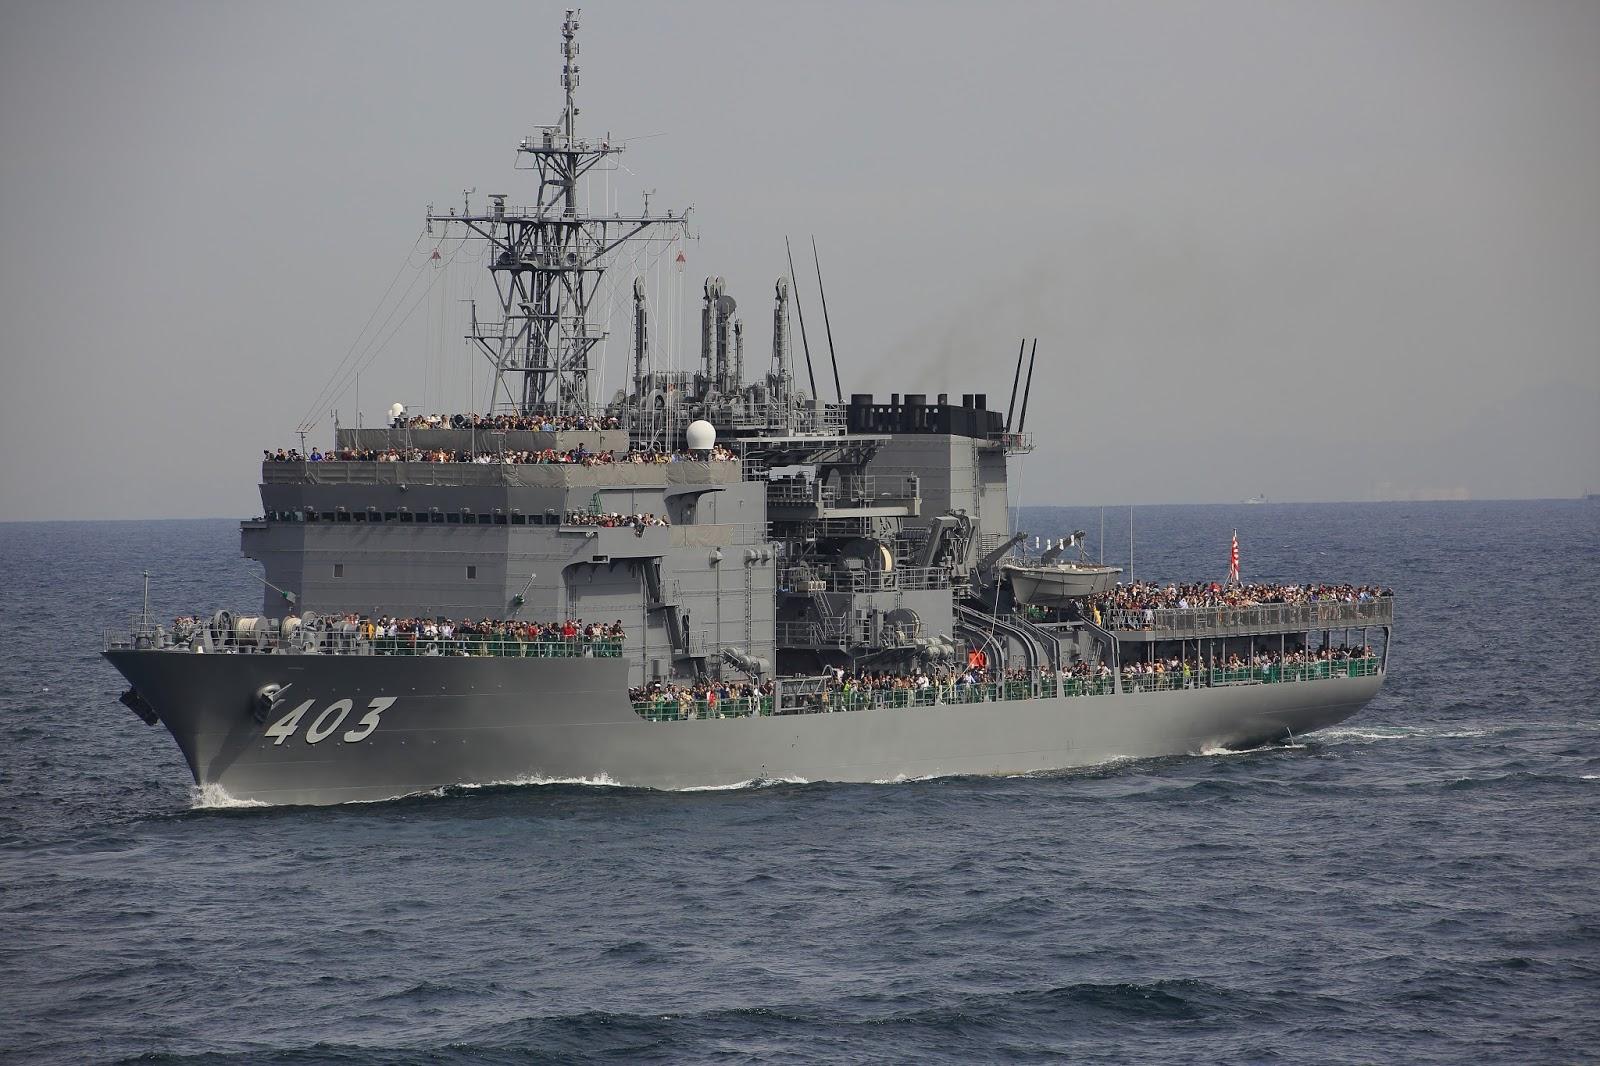 ASR 403 ちはや 潜水艦救難船